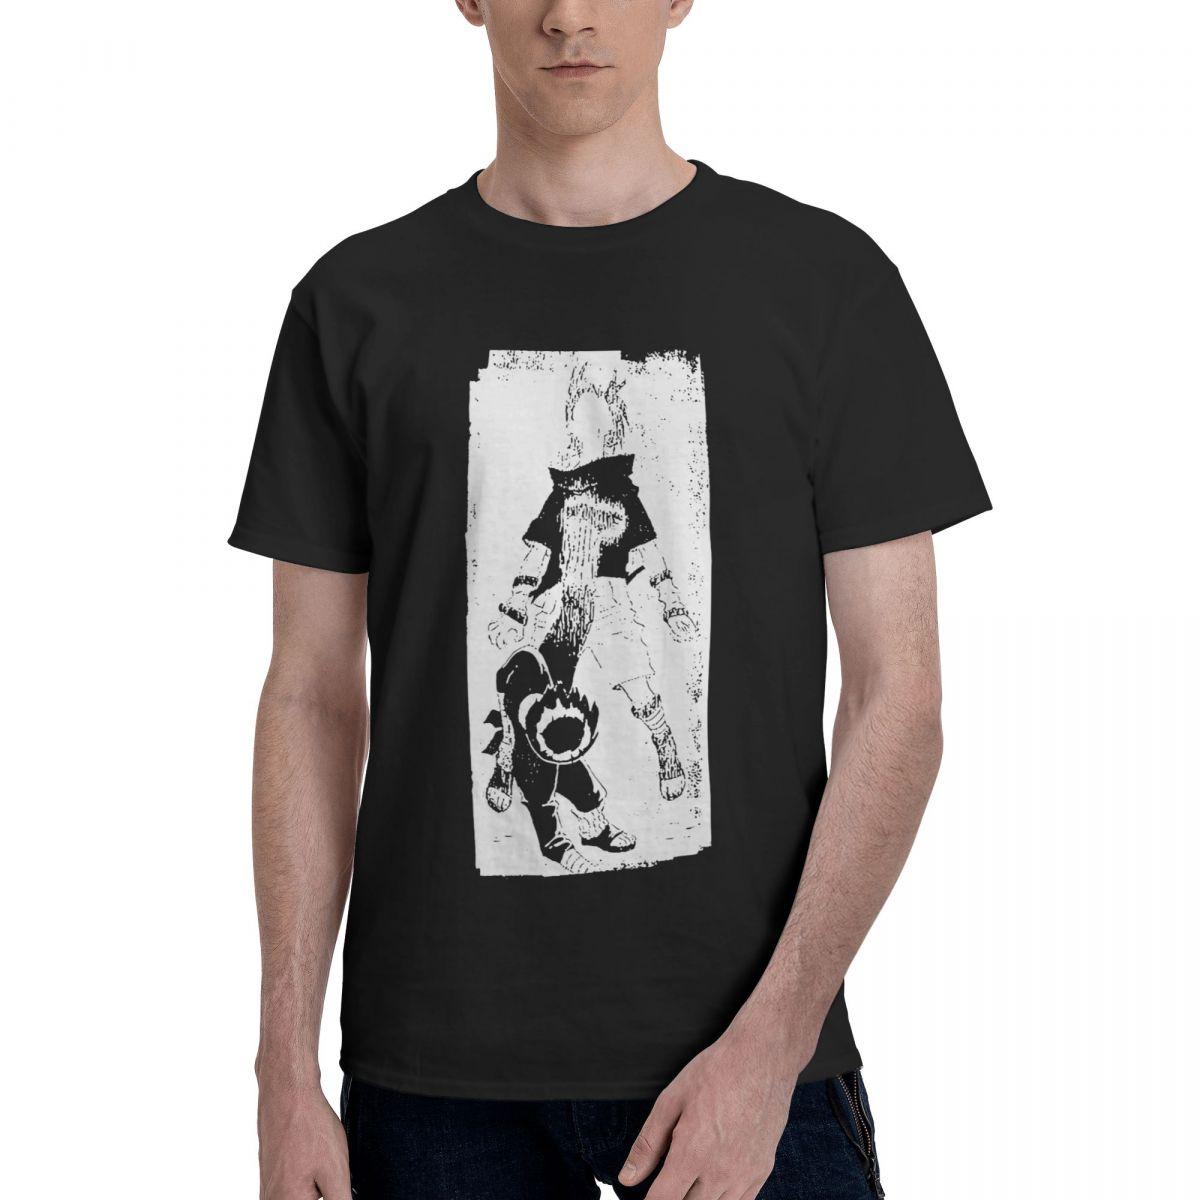 تي شيرت كلاسيكي من Uchiha Sasuke Rock Lee Bandai Naruto تي شيرت رجالي بياقة دائرية من القطن الخالص تي شيرت أنيمي بأكمام قصيرة ملابس الصيف